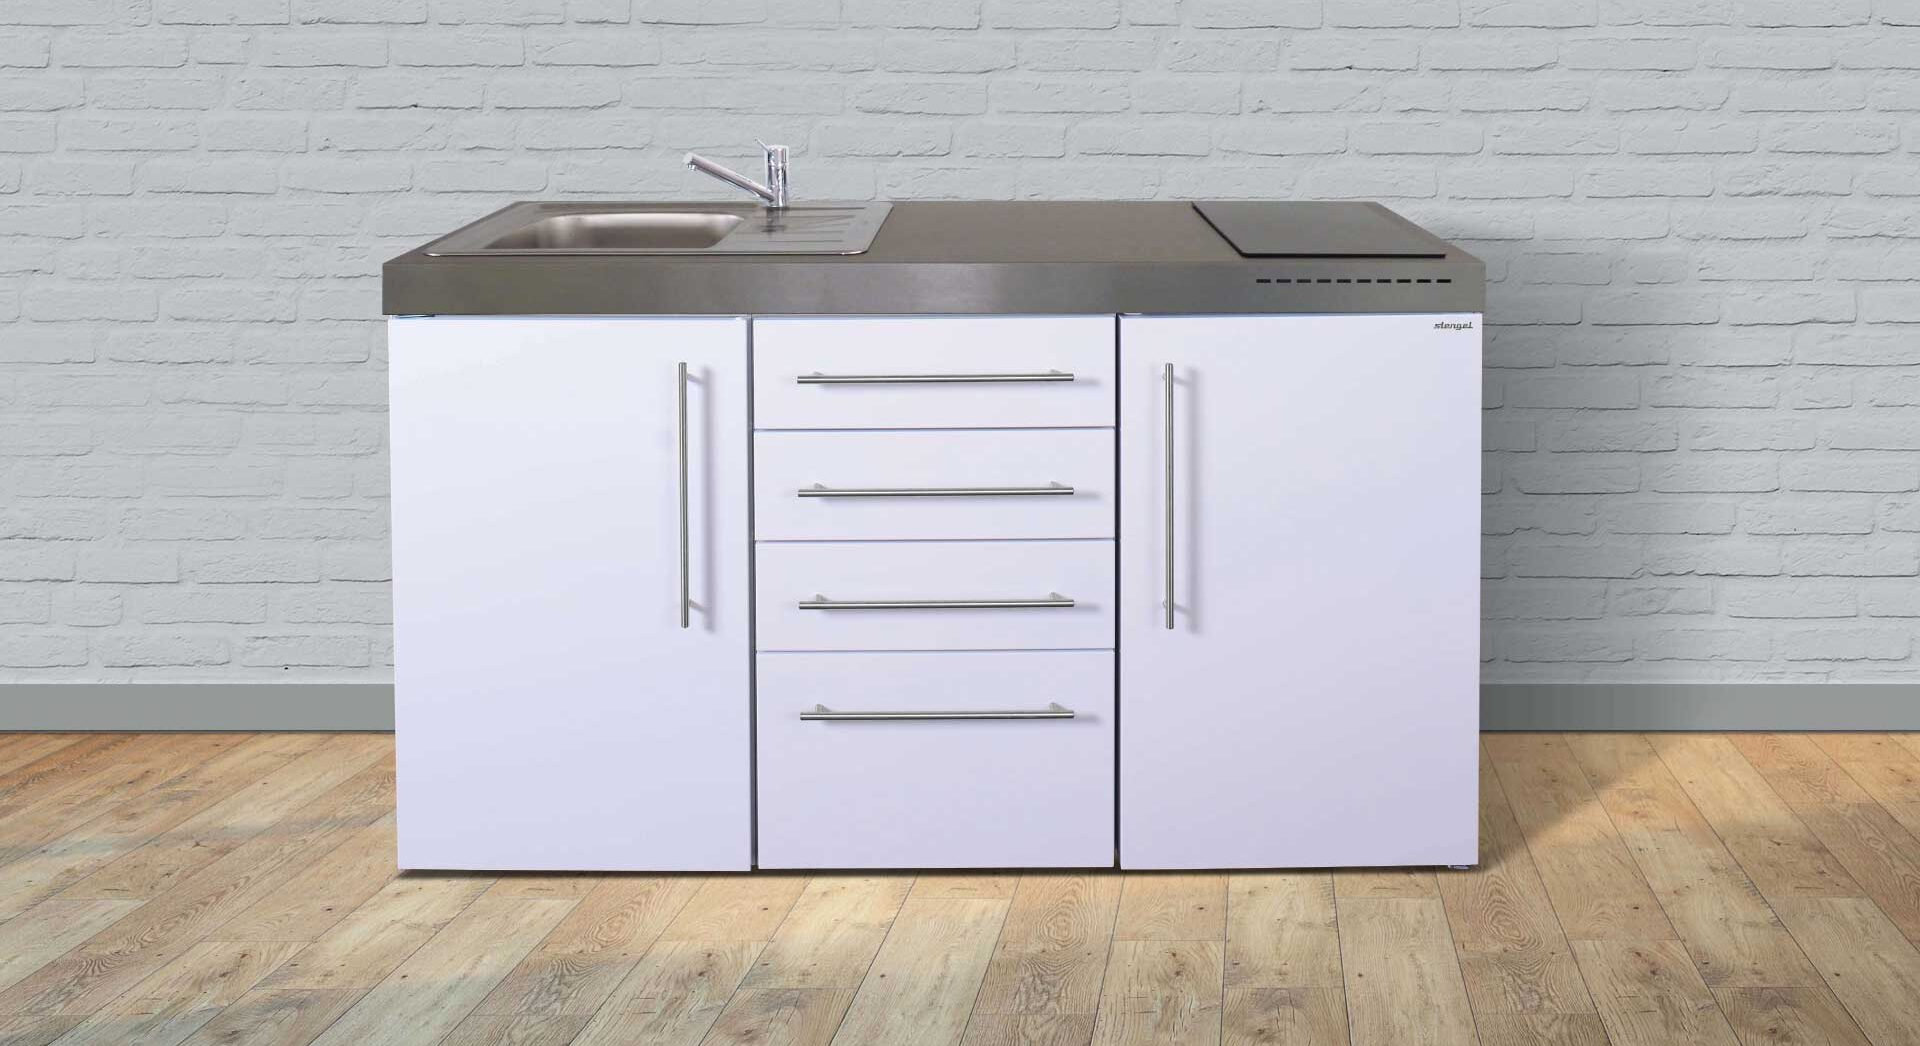 Minikøkken i rustfrit stål - MPS4 150 premiumline fra Kimbrer. Alt-i-et køkken der fylder under 2 kvm. Klassisk design i 8 flotte farver.